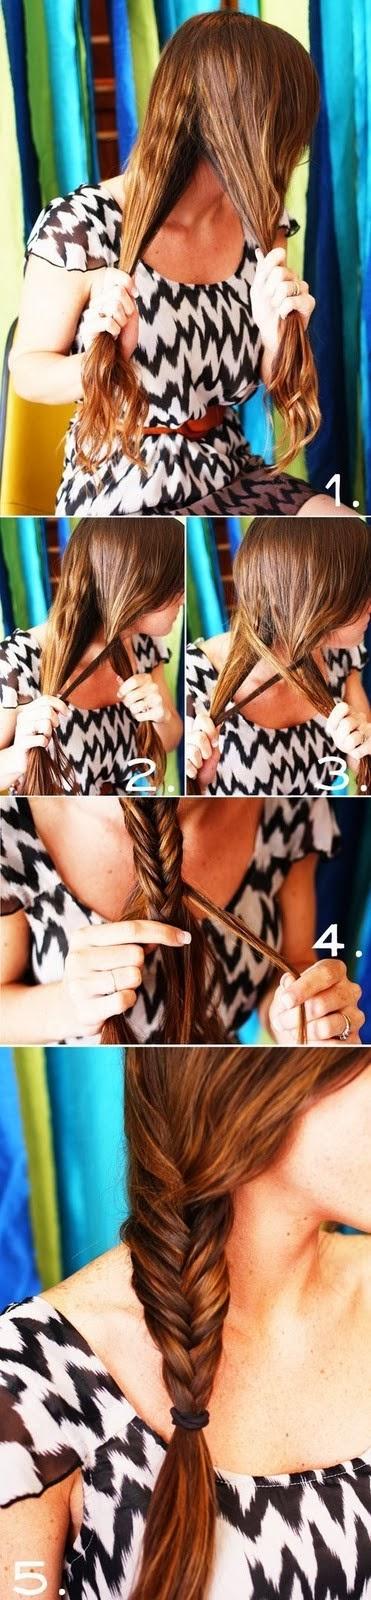 Coiffure rapide cheveux mi long